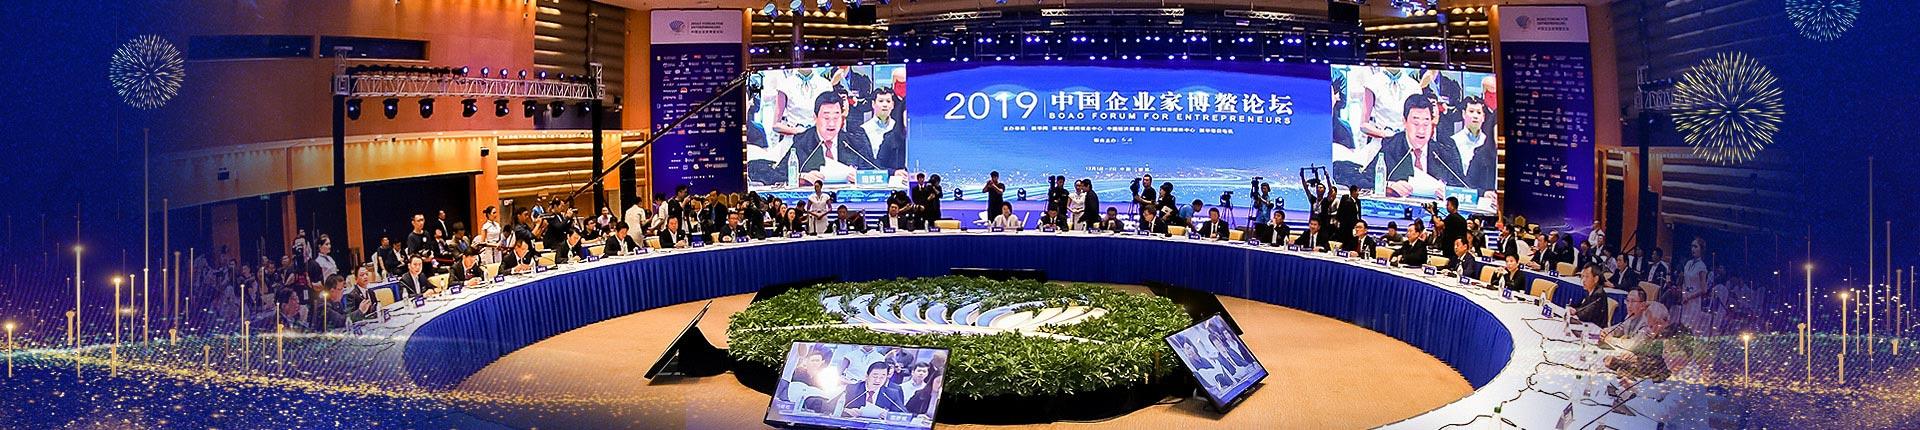 2019中國企業家博鰲論壇在海南博鰲召開